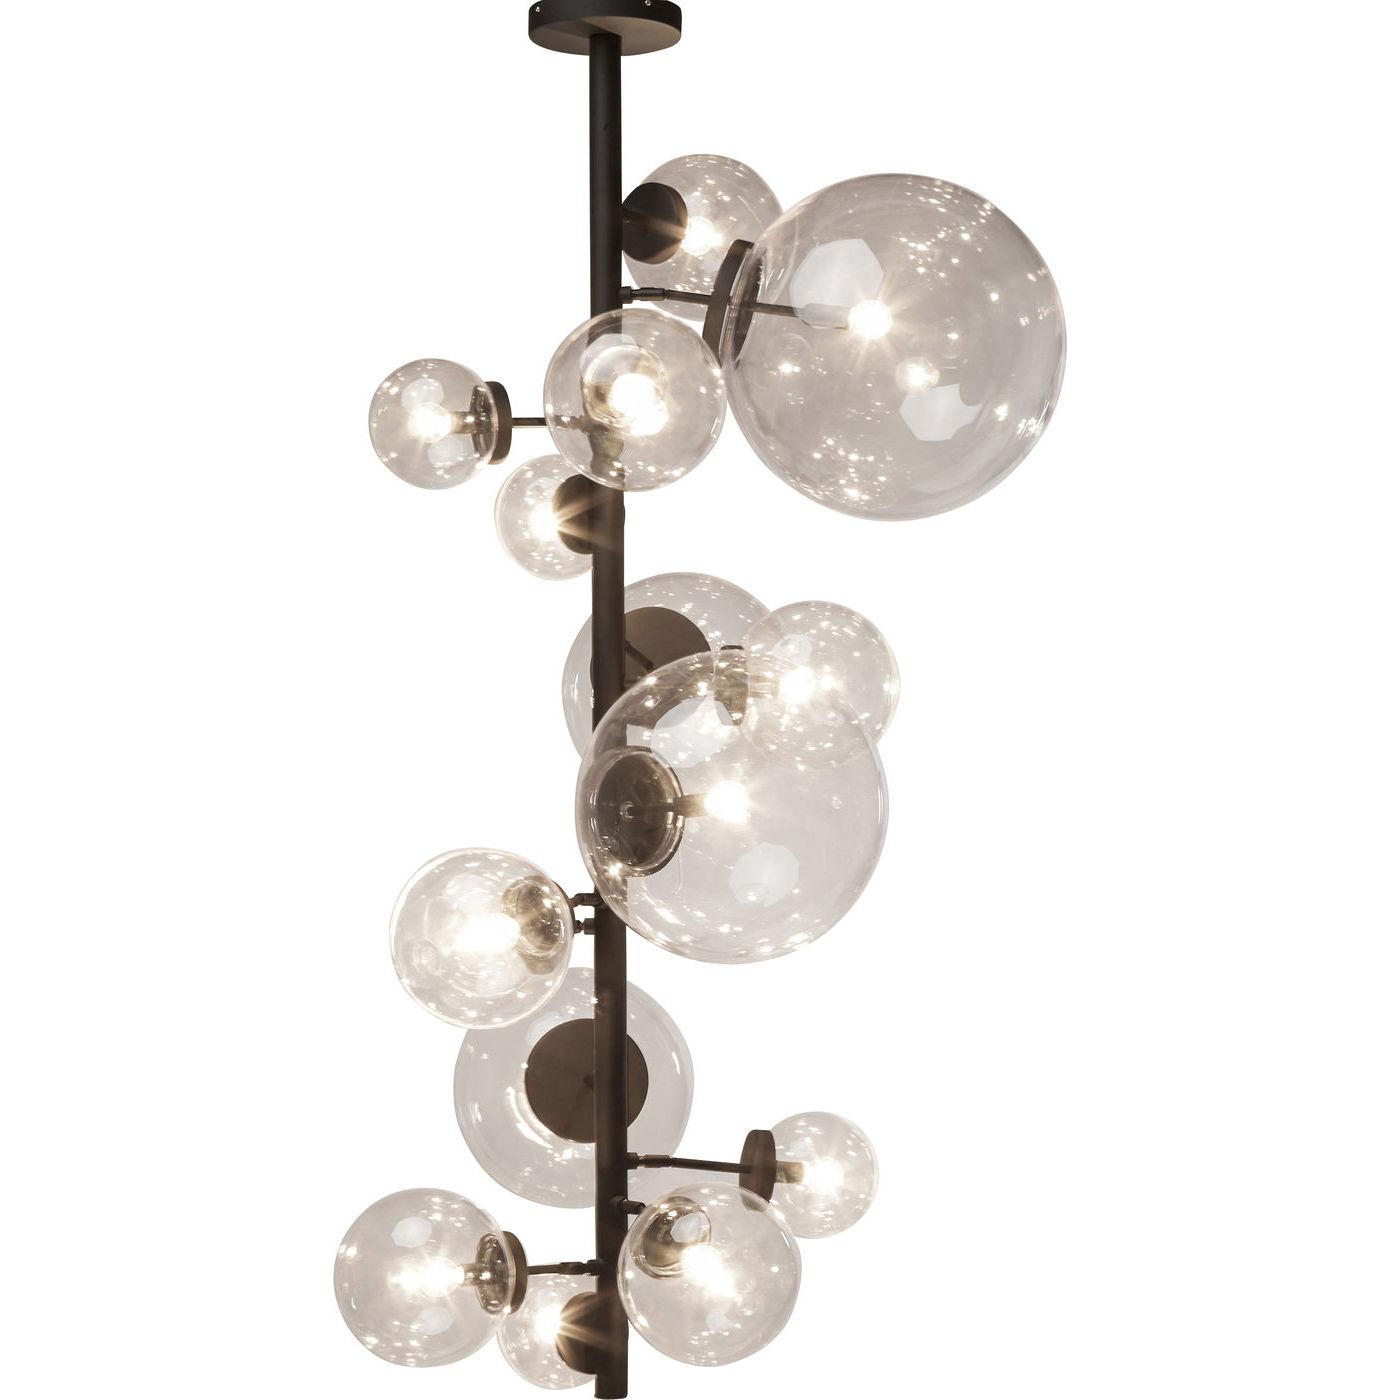 Billede af Kare Design Loftslampe, Balloon Clear